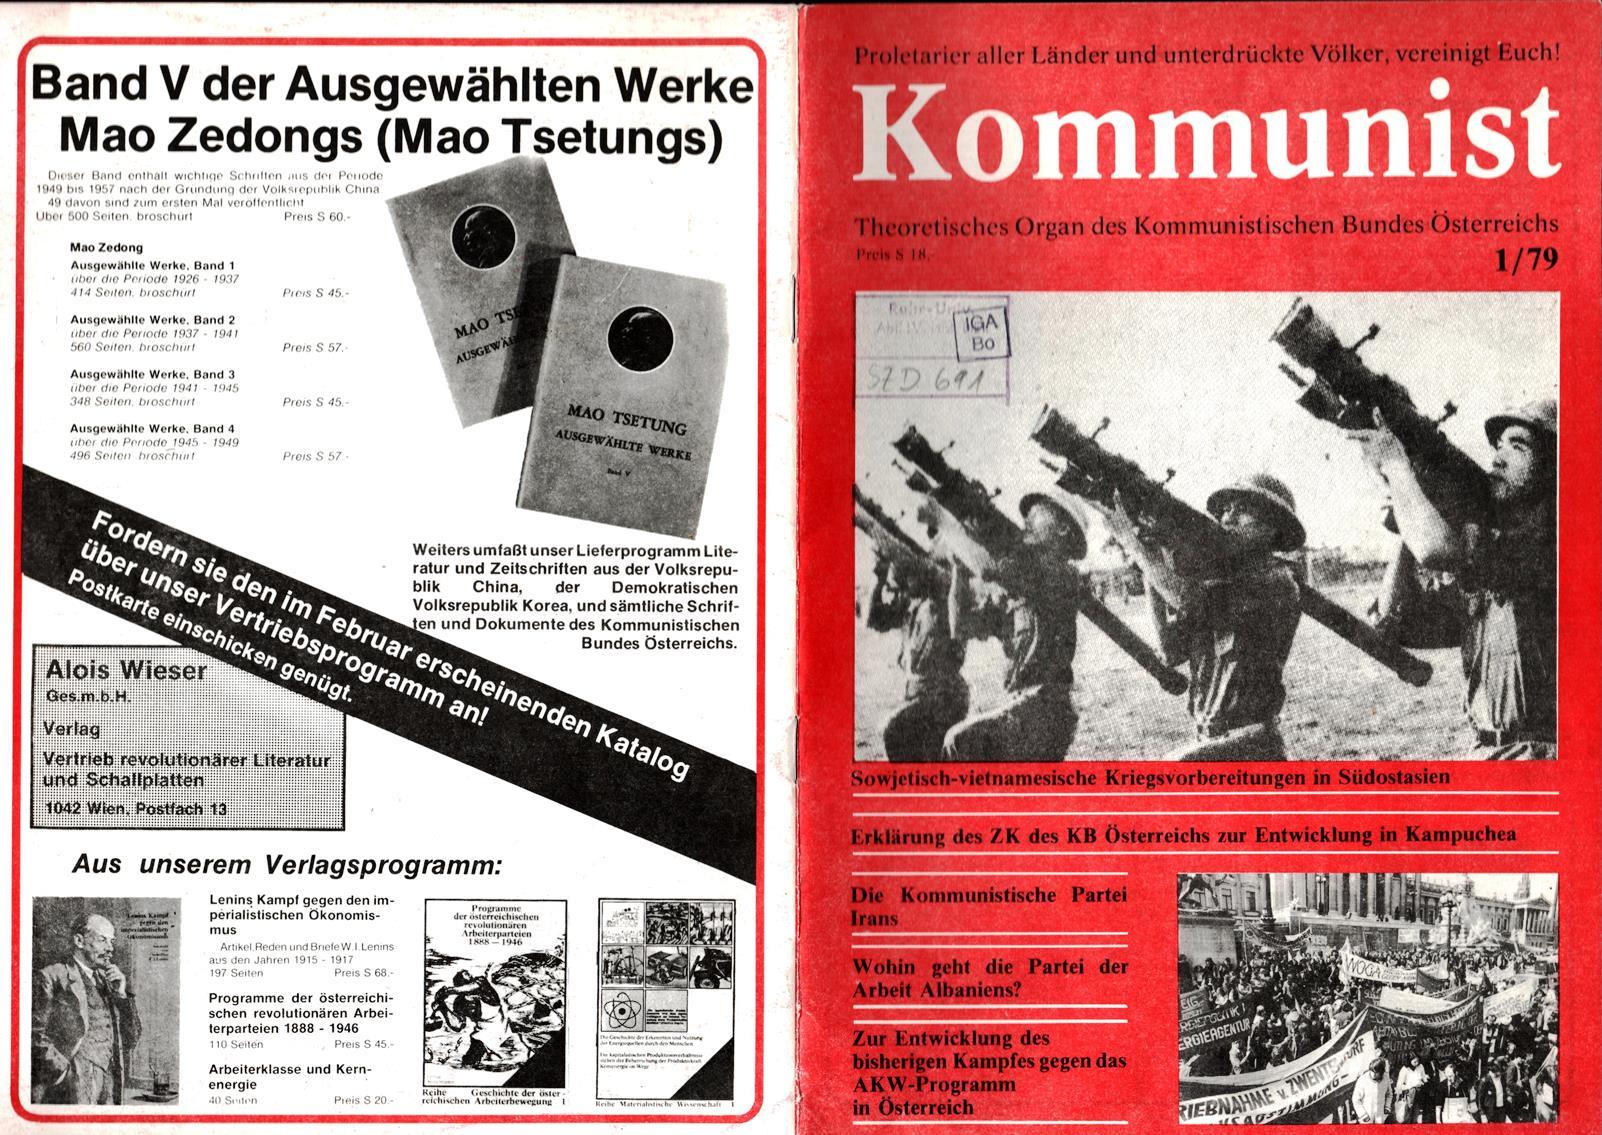 KBOe_TO_Kommunist_19790100_001_001